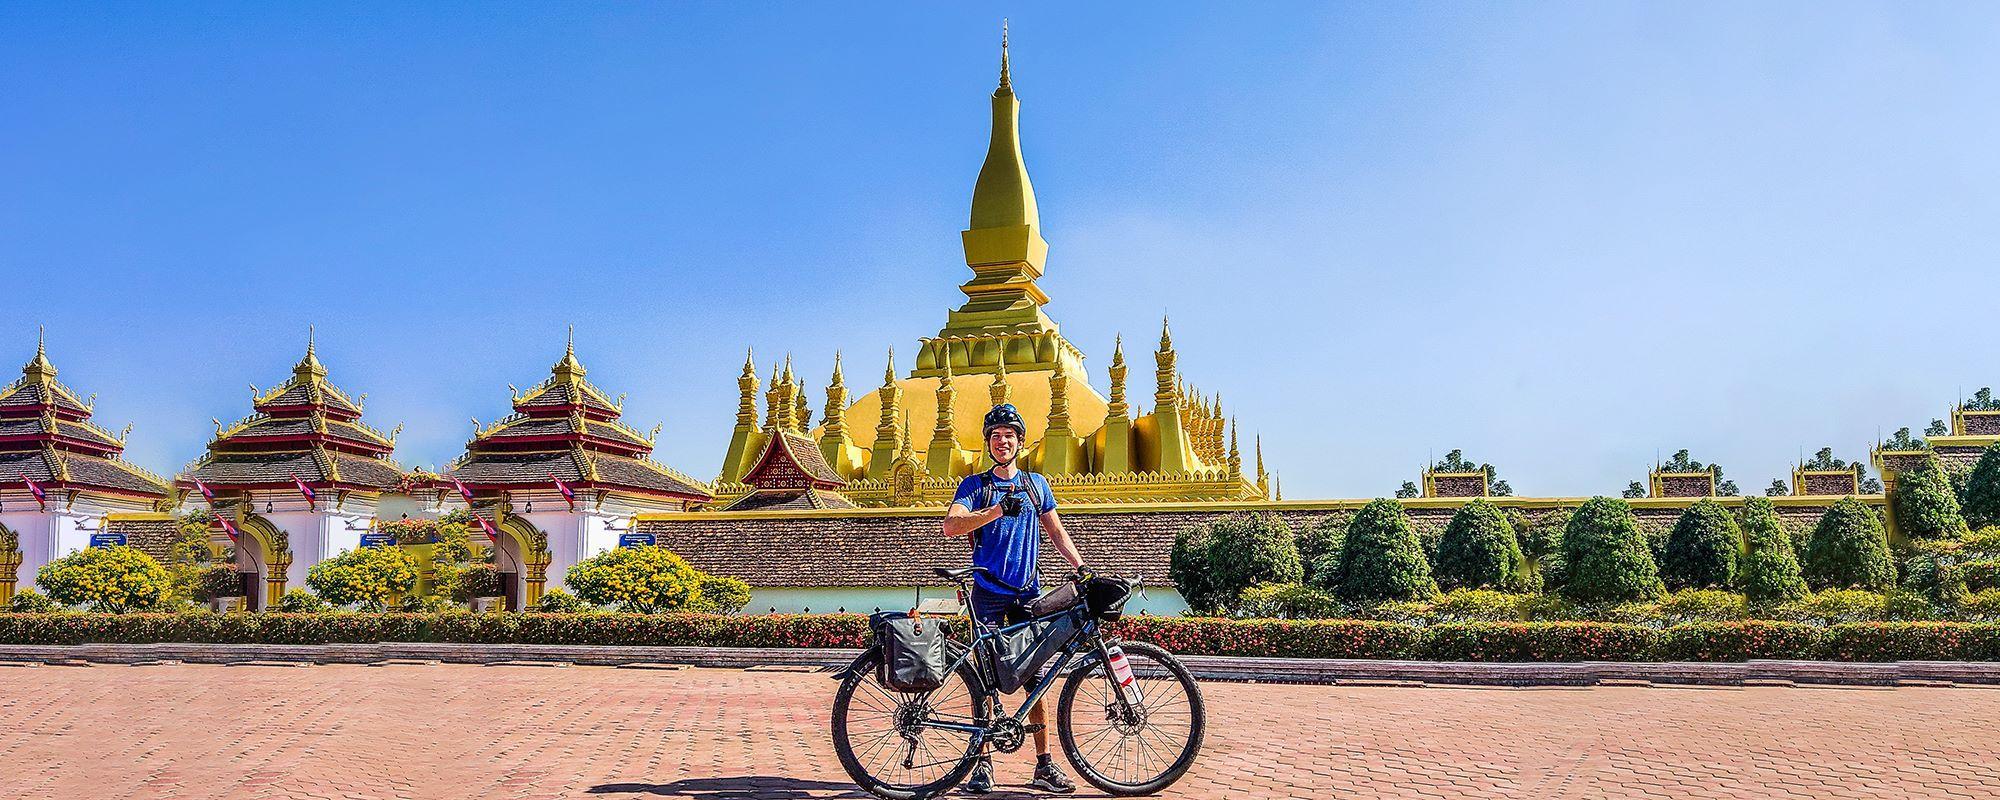 Laos Radreise: Abenteuer im Land der Millionen Elefanten (Reisebericht, Route & Tipps)